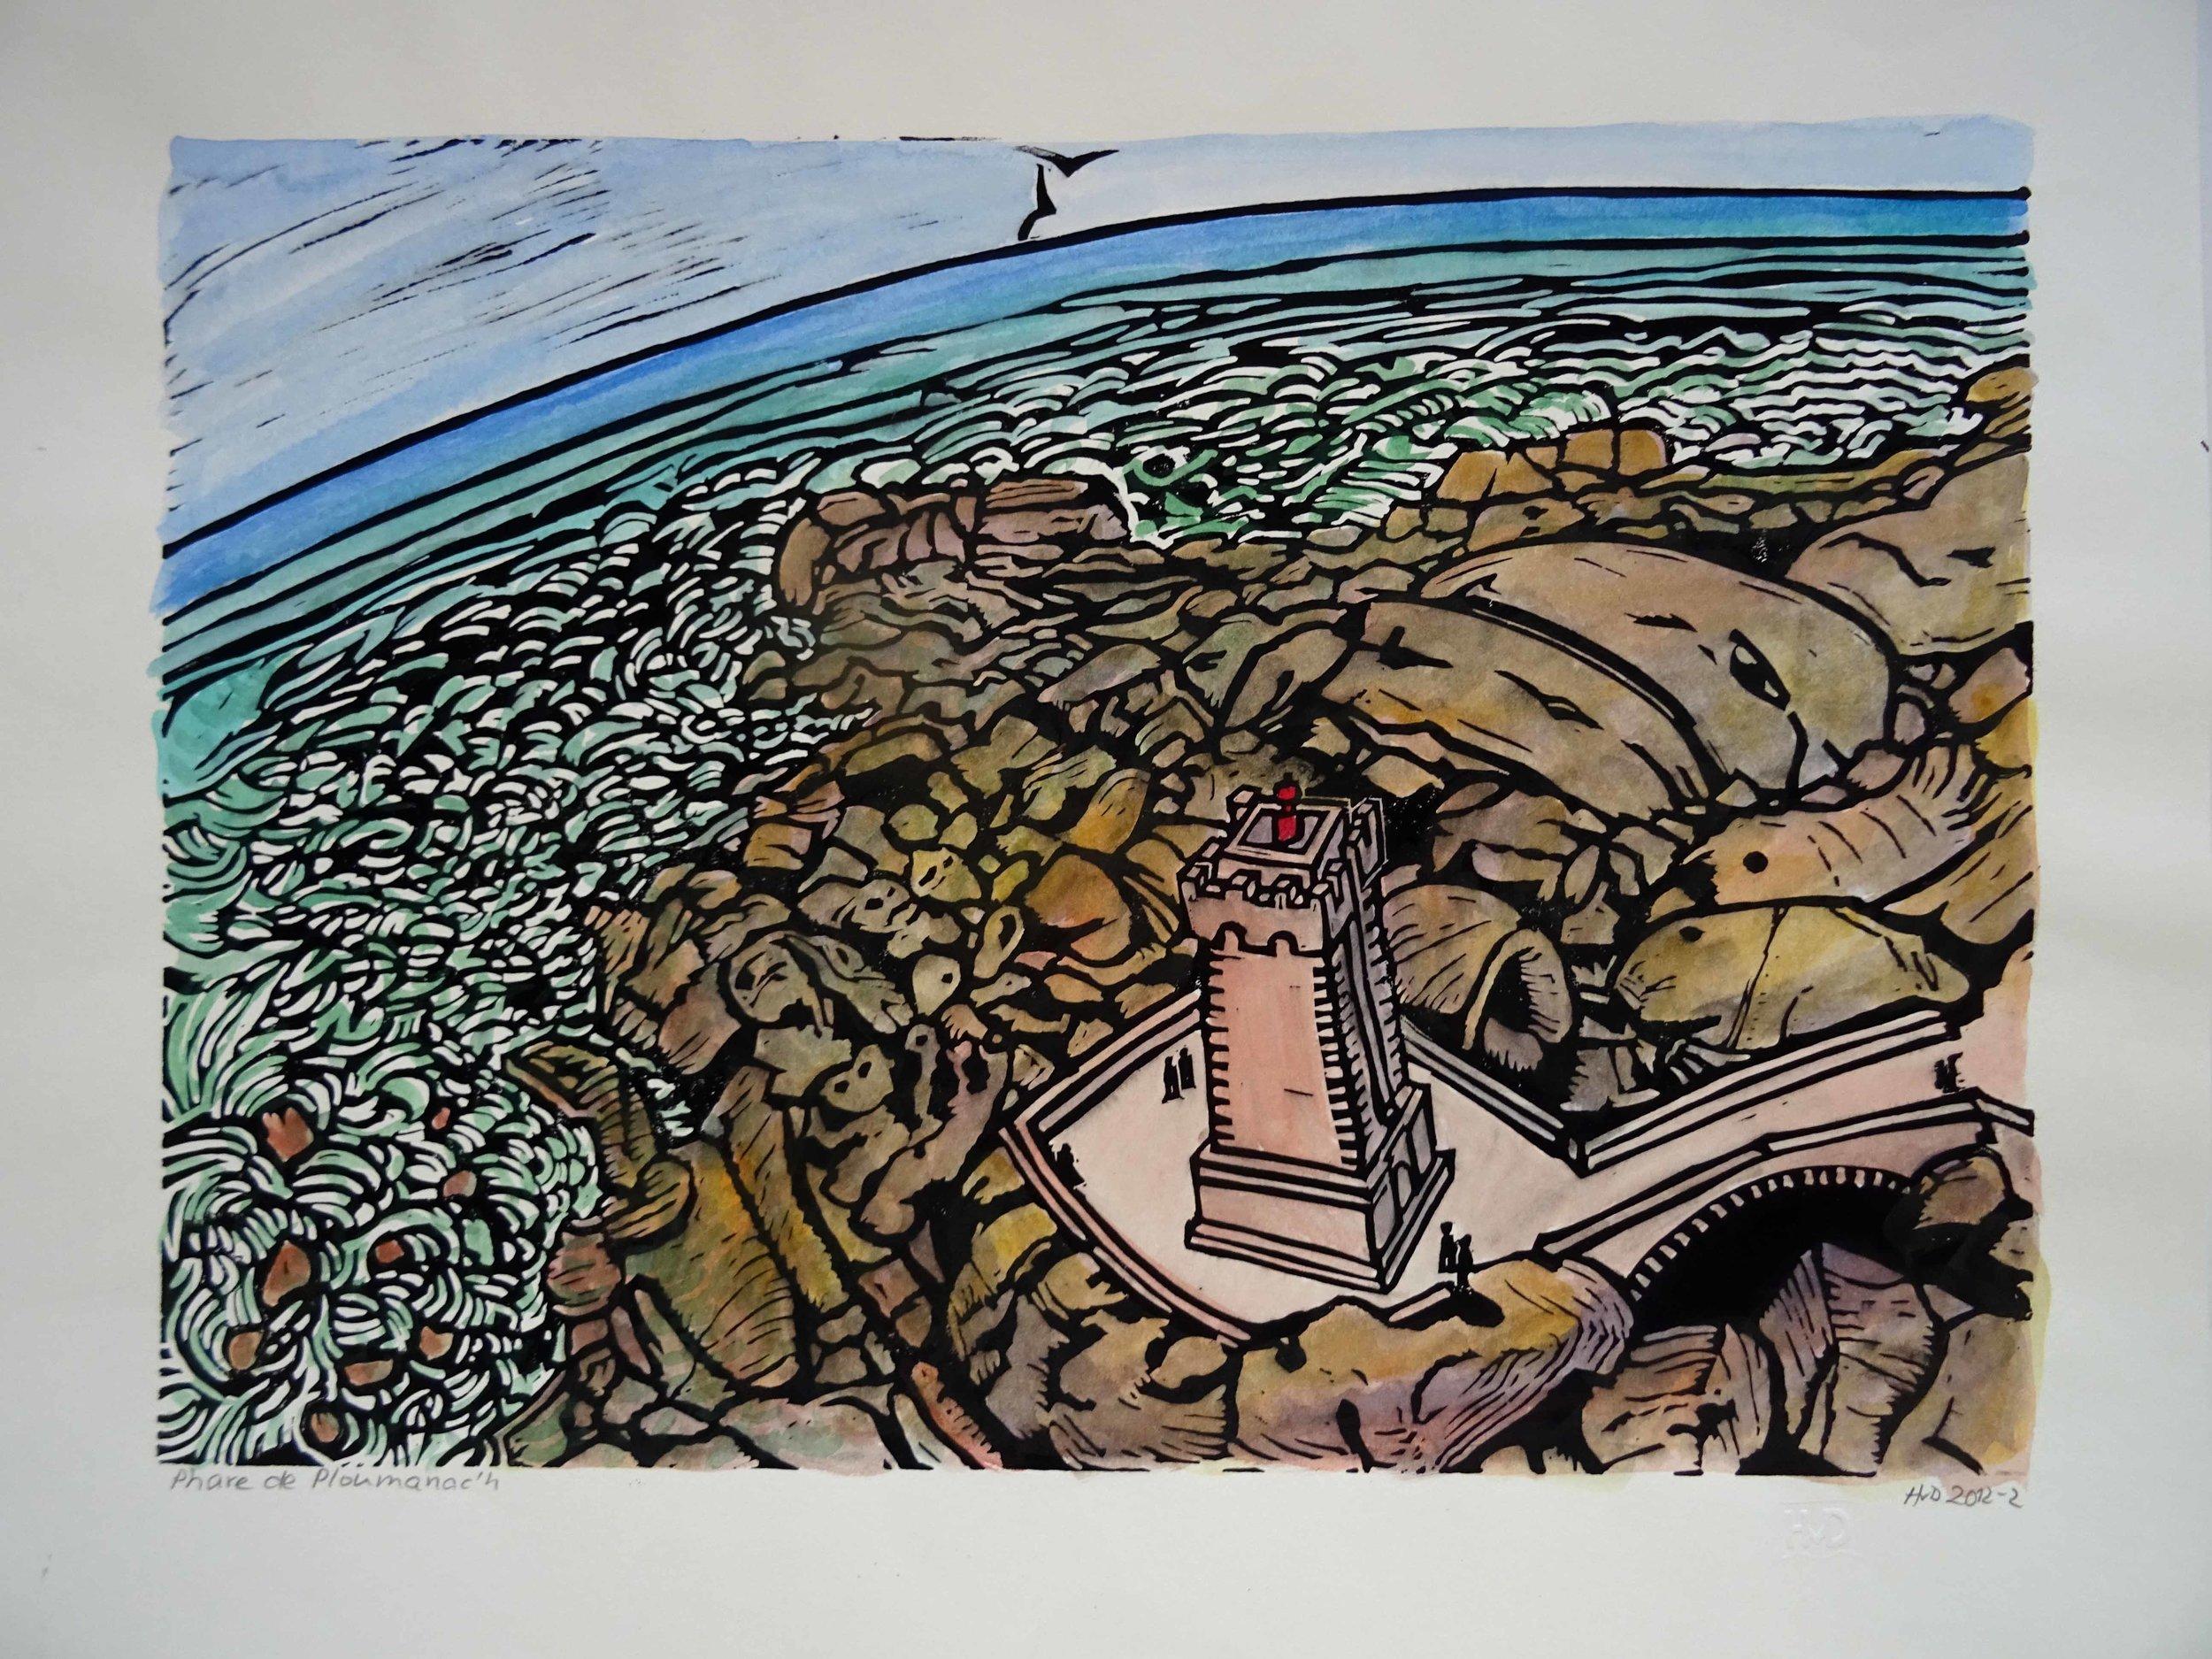 101 - Phare de Ploumanac'h, coloured lino 30x42 cm, 100 €